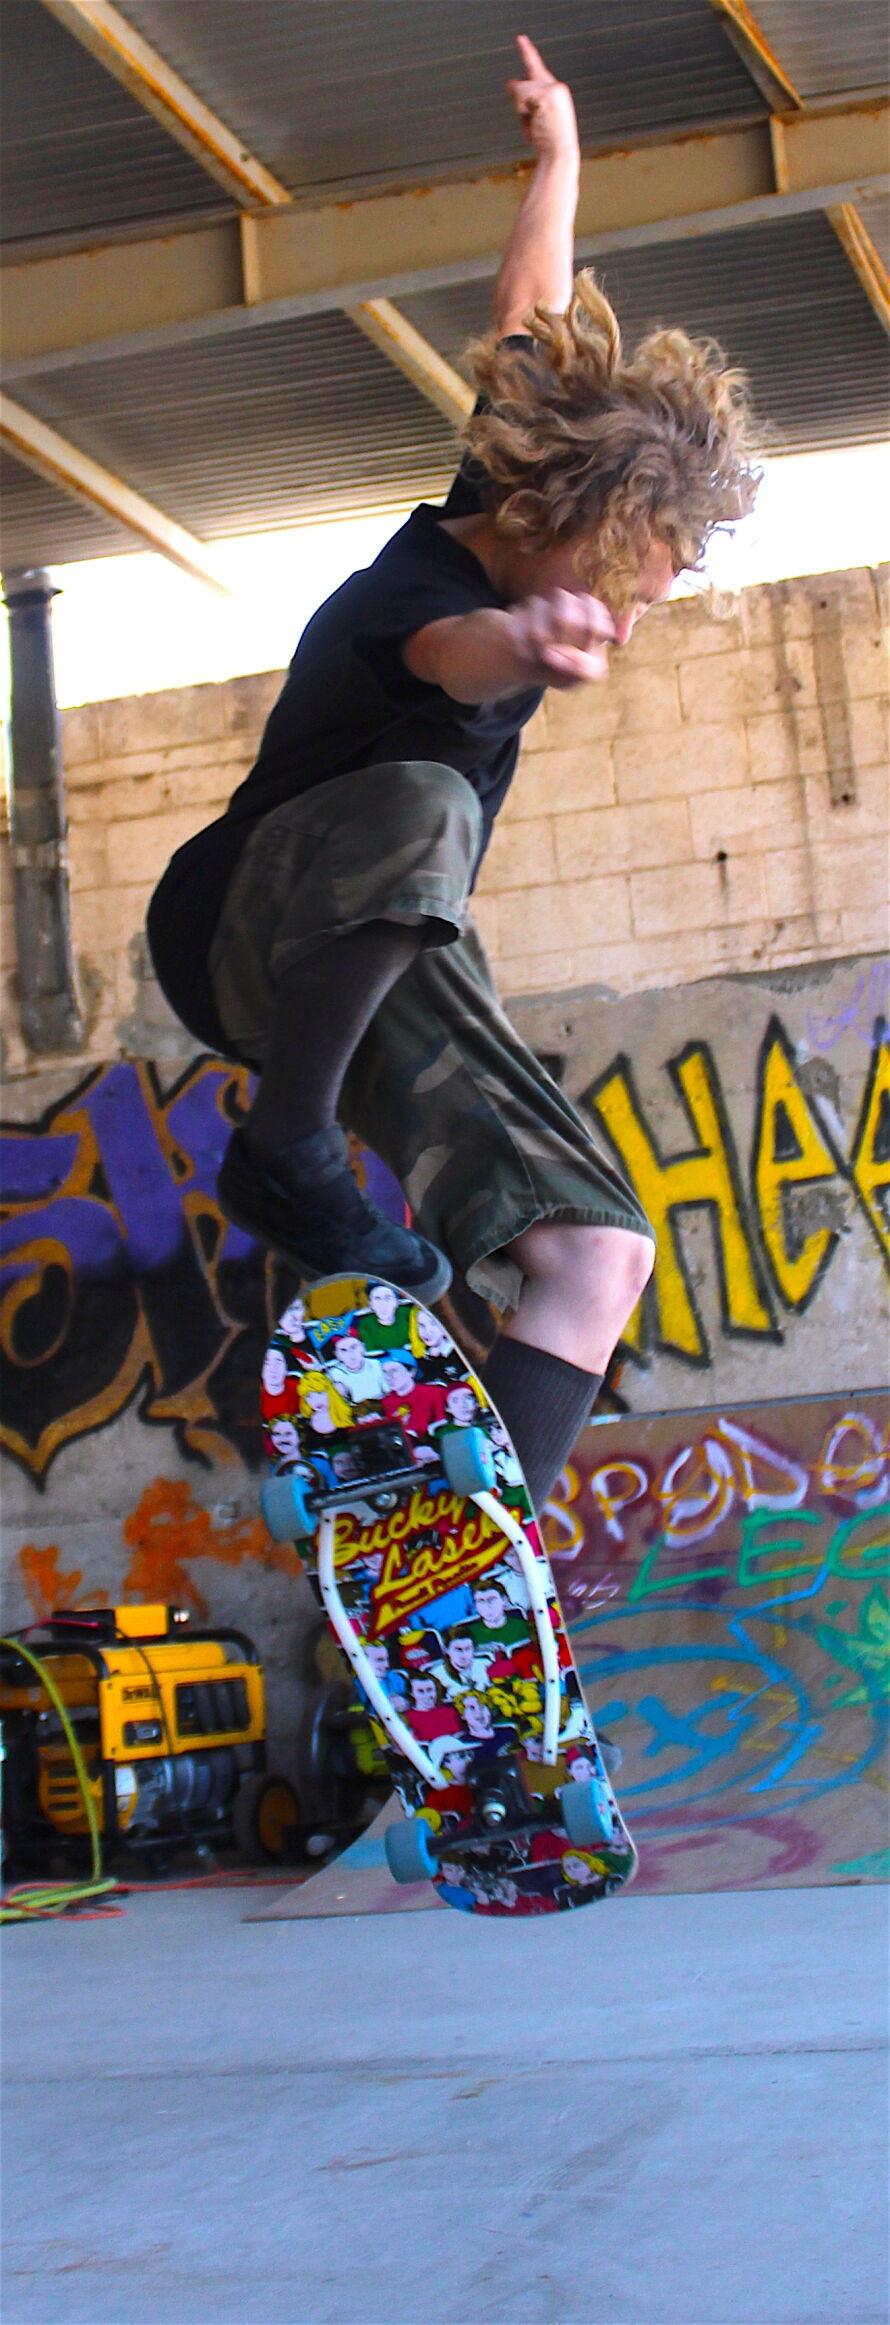 210714-news-skate